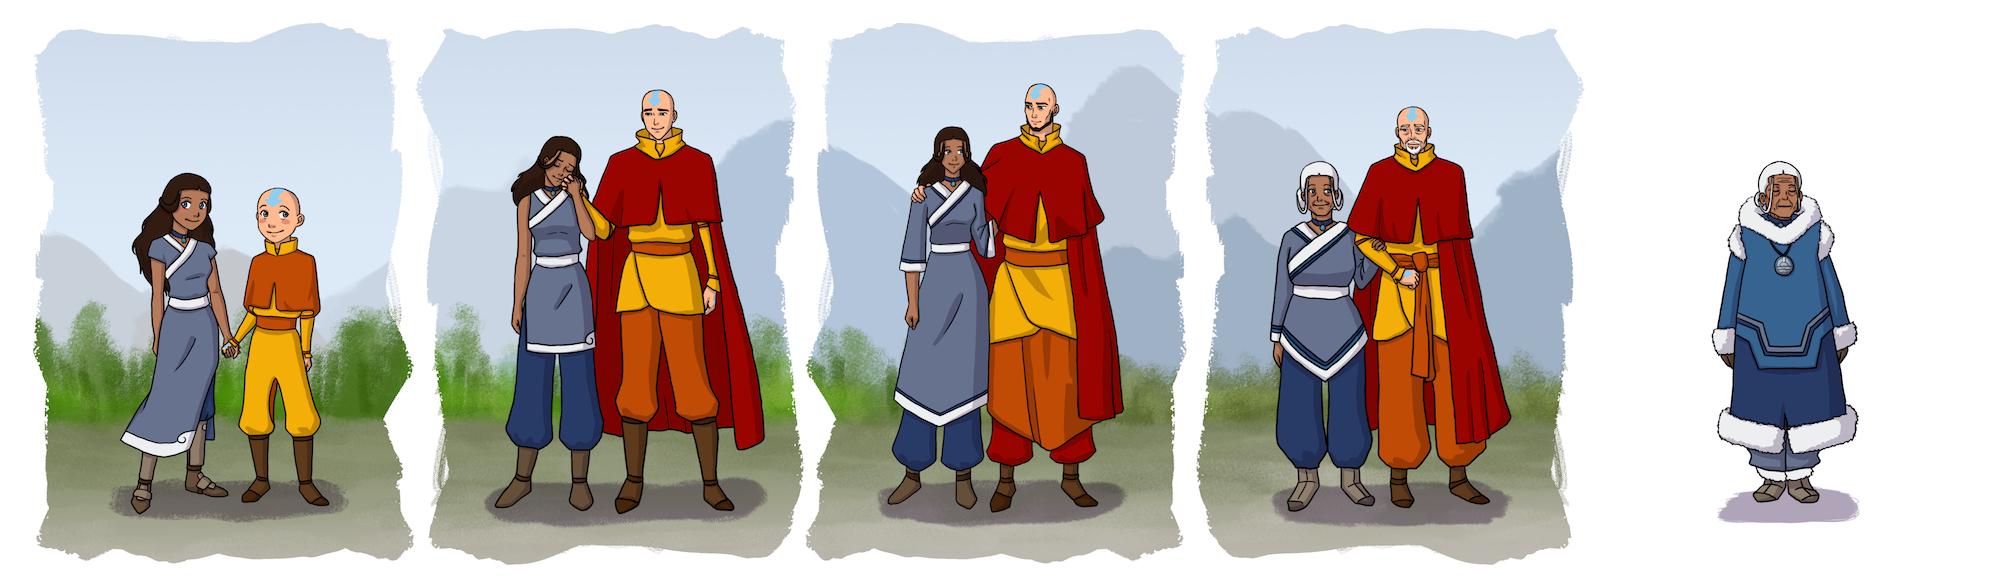 Aang and Katara by bechedor79